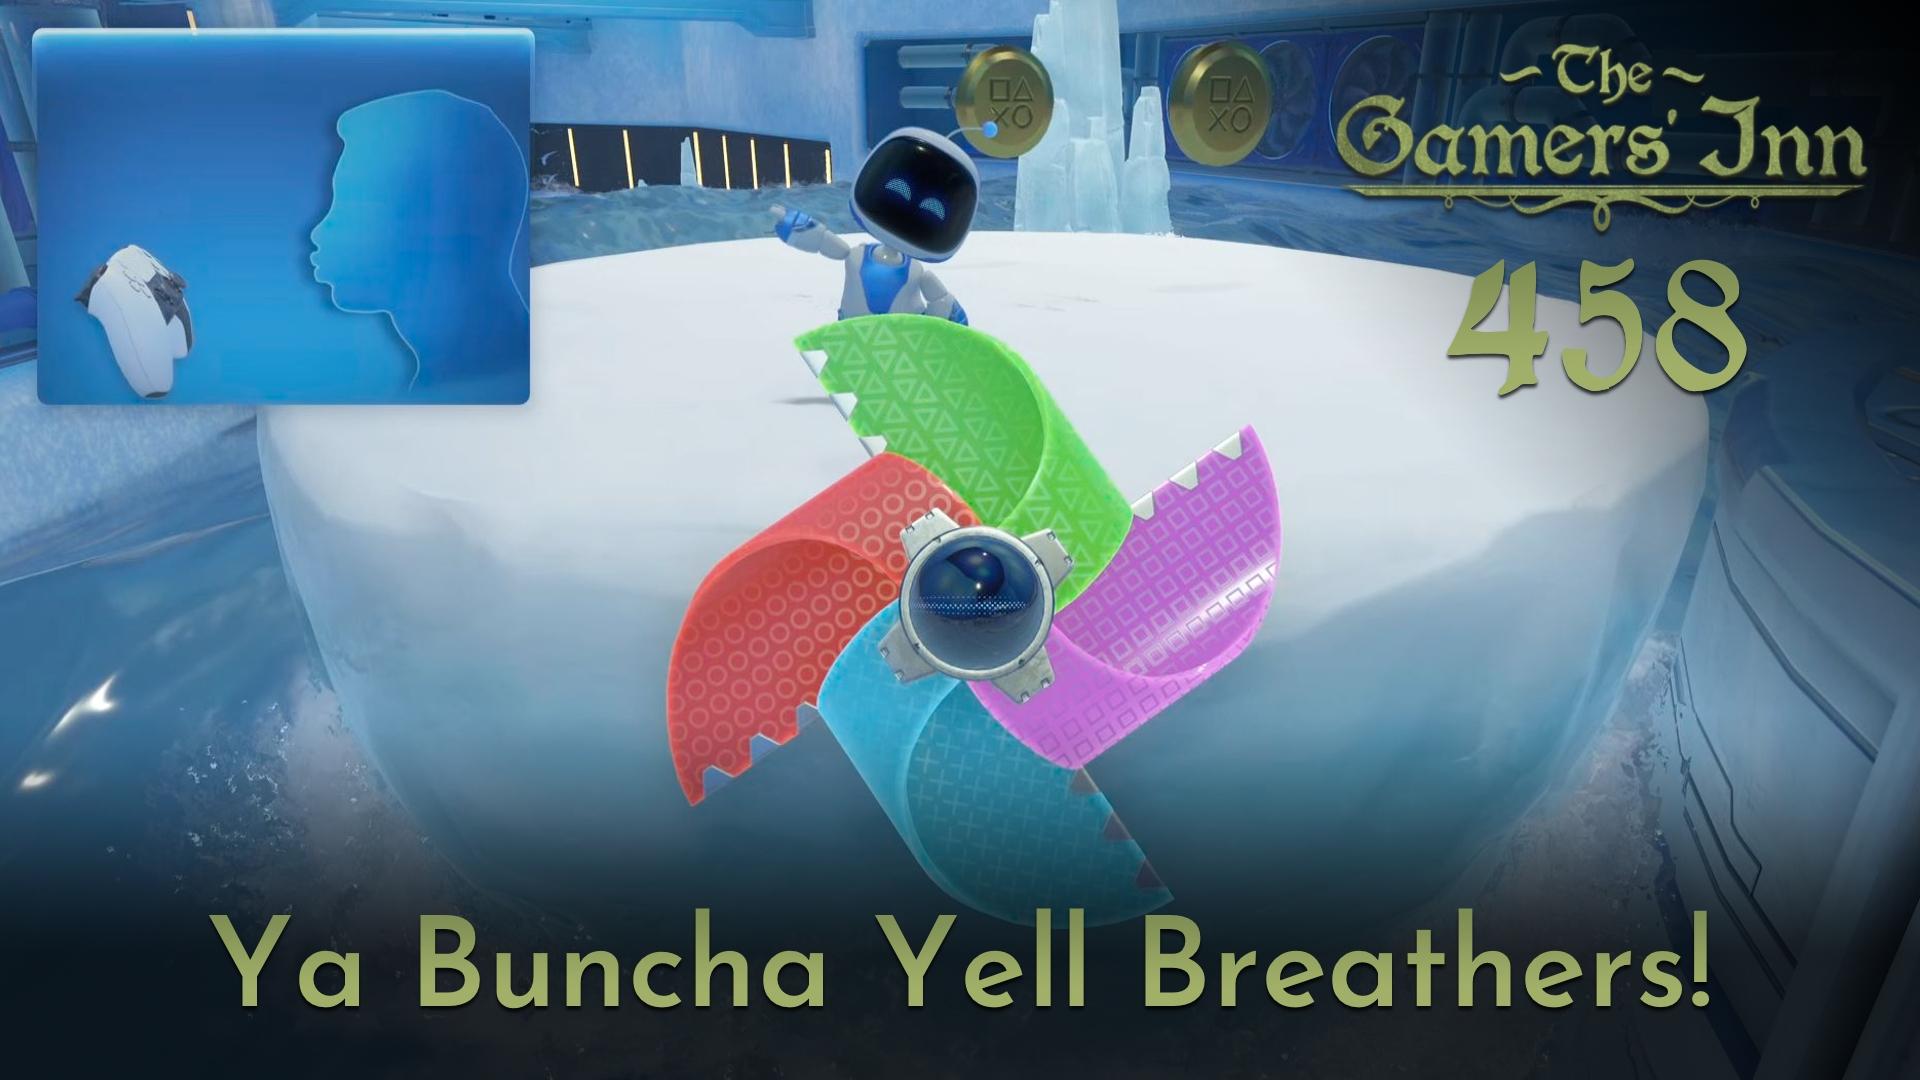 The Gamers' Inn 458 - Ya Buncha Yell Breathers!